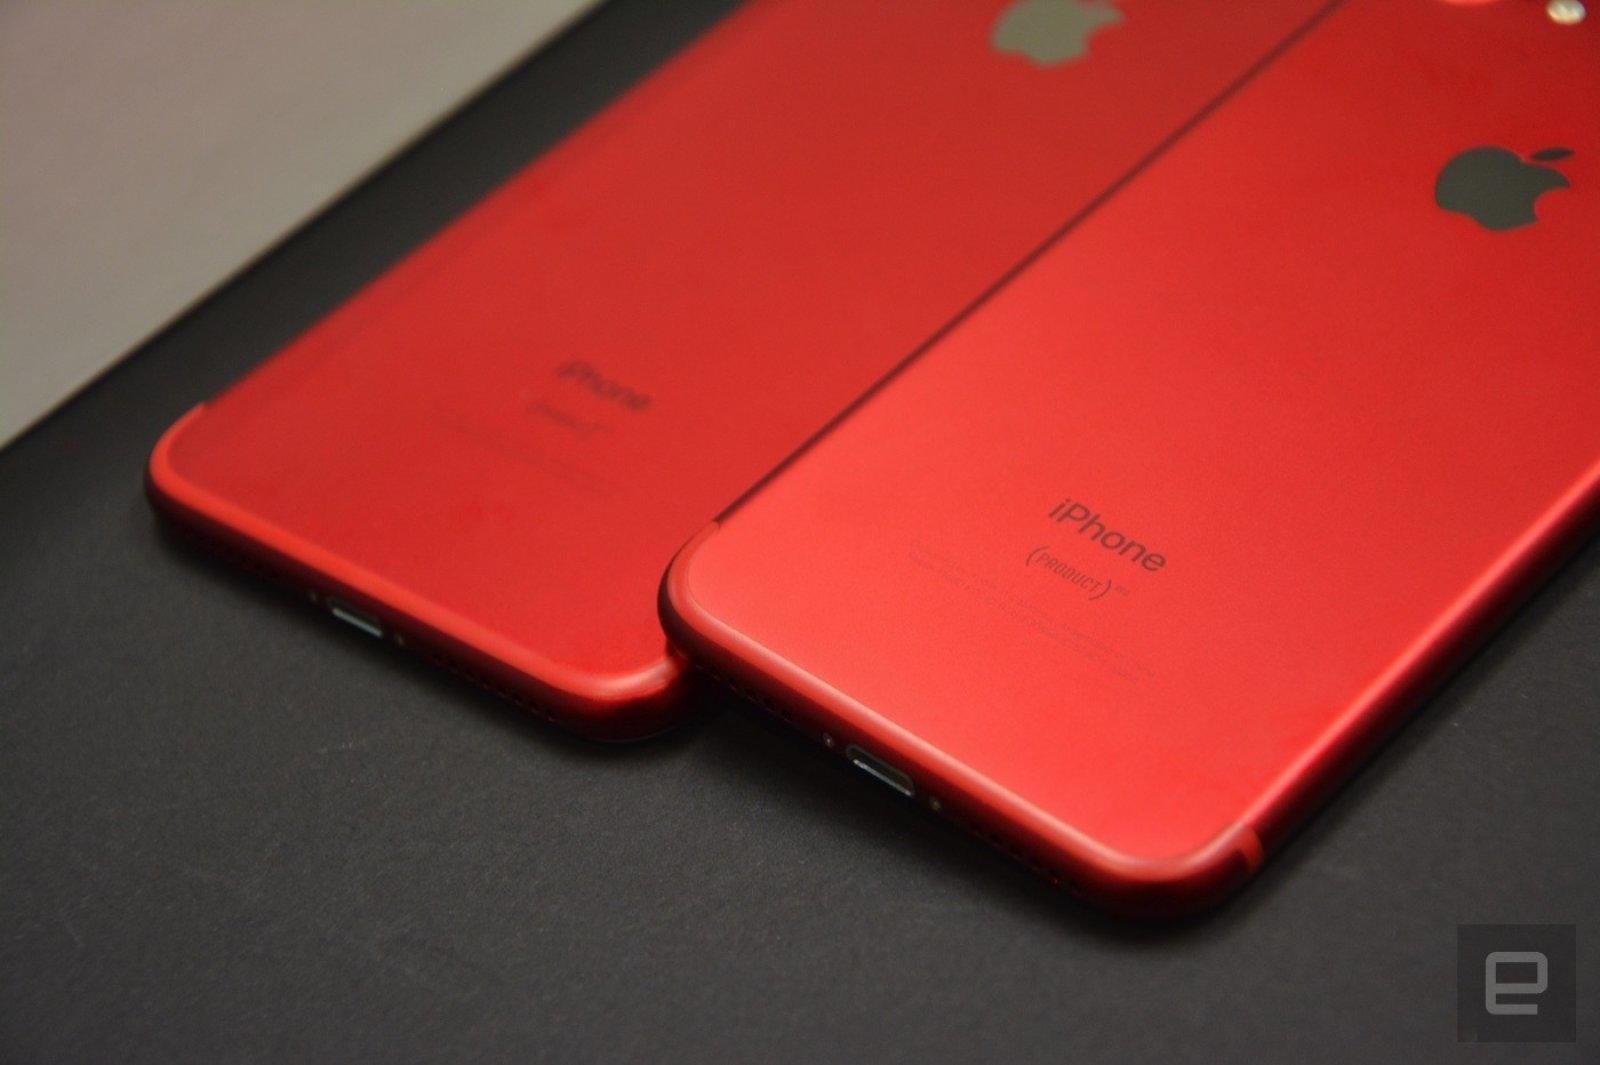 El iPhone 8 de color rojo podría llegar próximamente